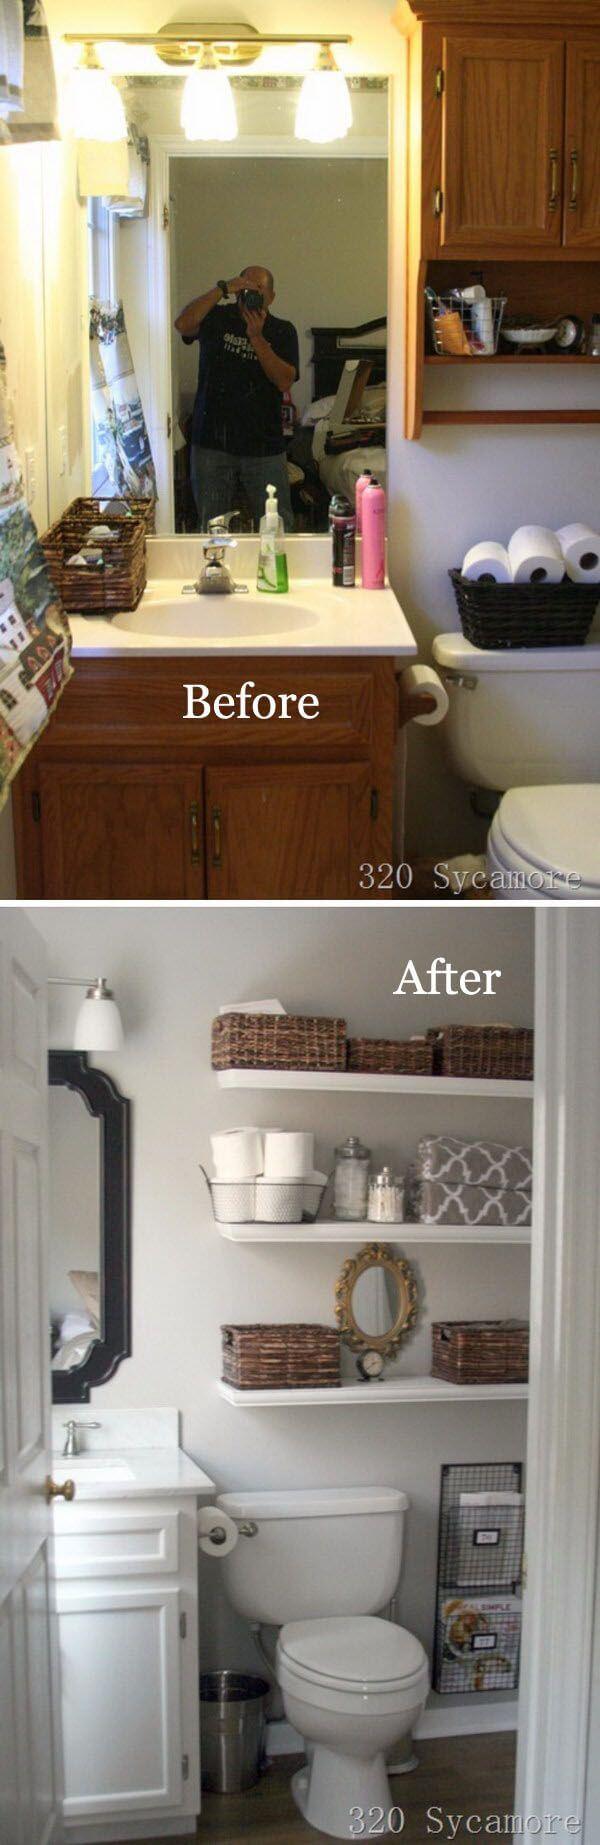 25 Best DIY Bathroom Shelf Ideas and Designs for 2019